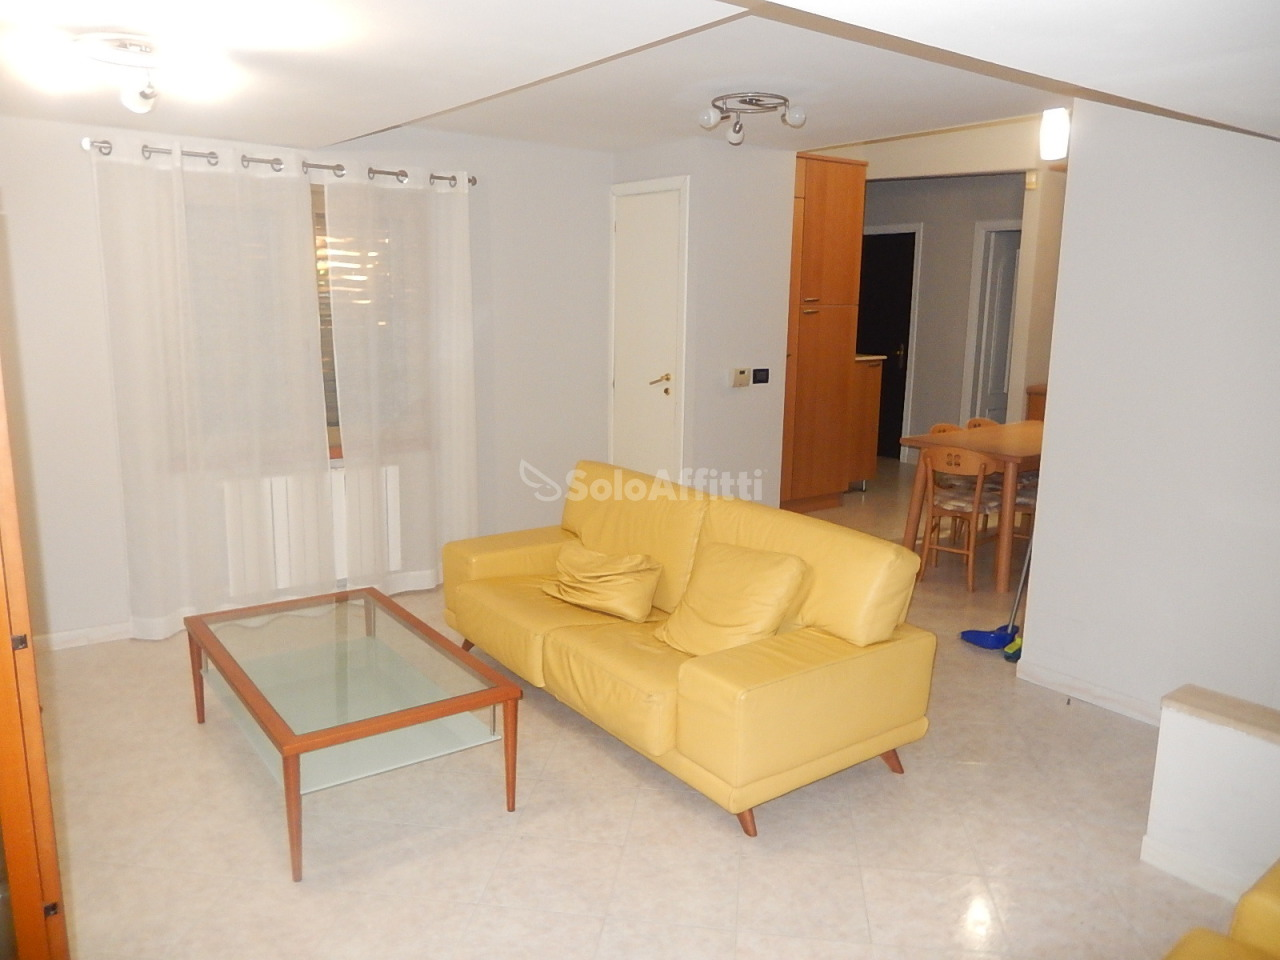 Appartamento - 5 locali a Lido Lungomare, Catanzaro